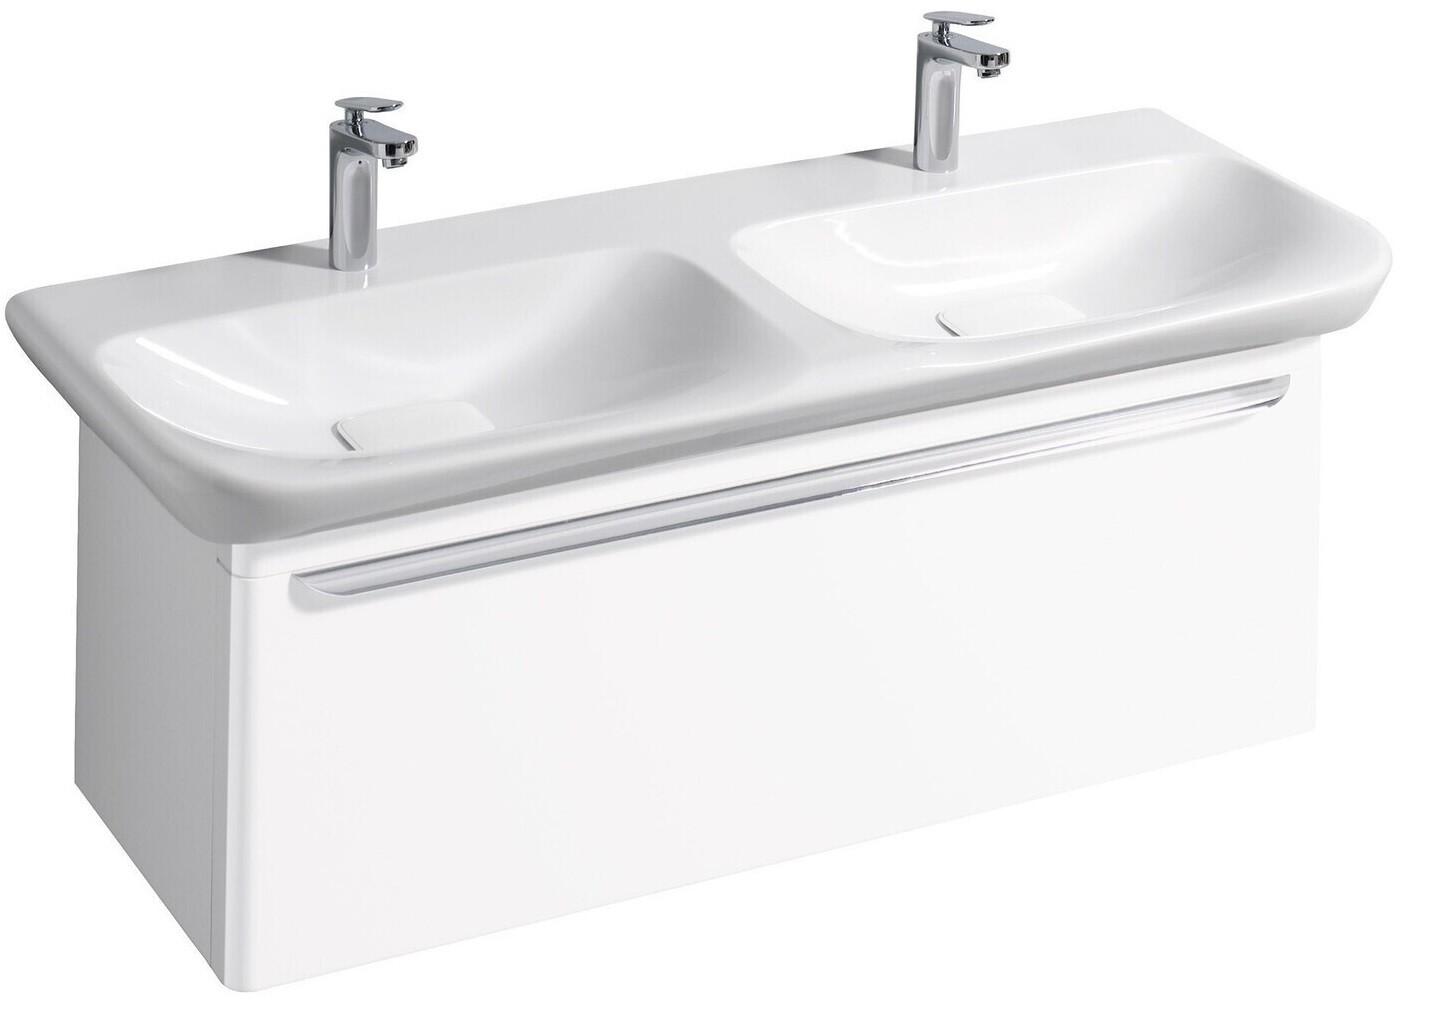 Meuble bas pour lavabo double Geberit myDay 130 cm avec un tiroir en blanc laqué ultra-brillant